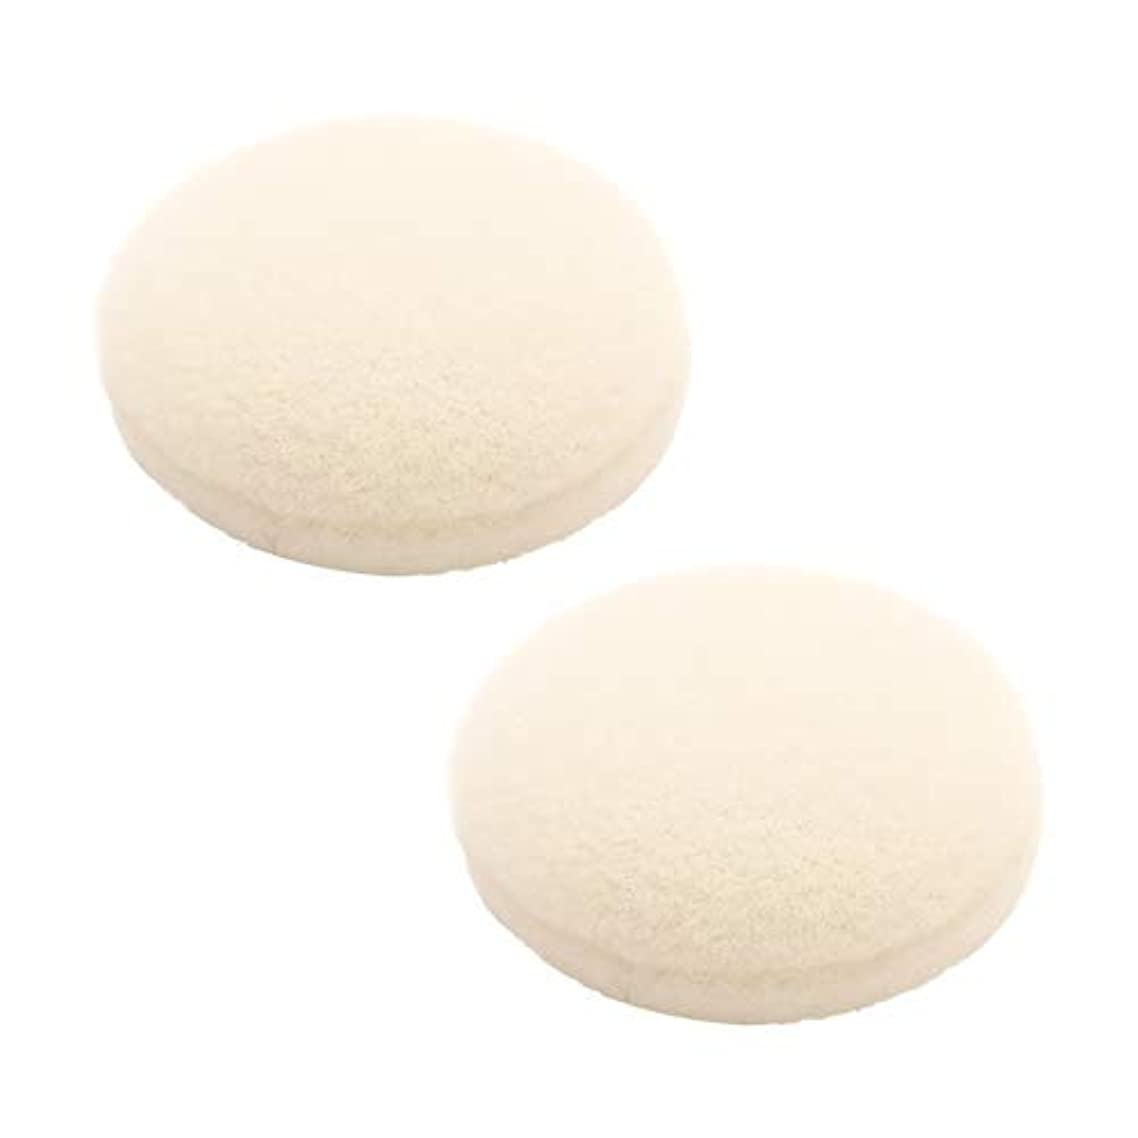 うなり声上げるアレイETVOS(エトヴォス) ポンポンミネラルチーク専用替えパフ(2枚セット) 直径3.5cm 洗い替え 綿ビロード(綿天)